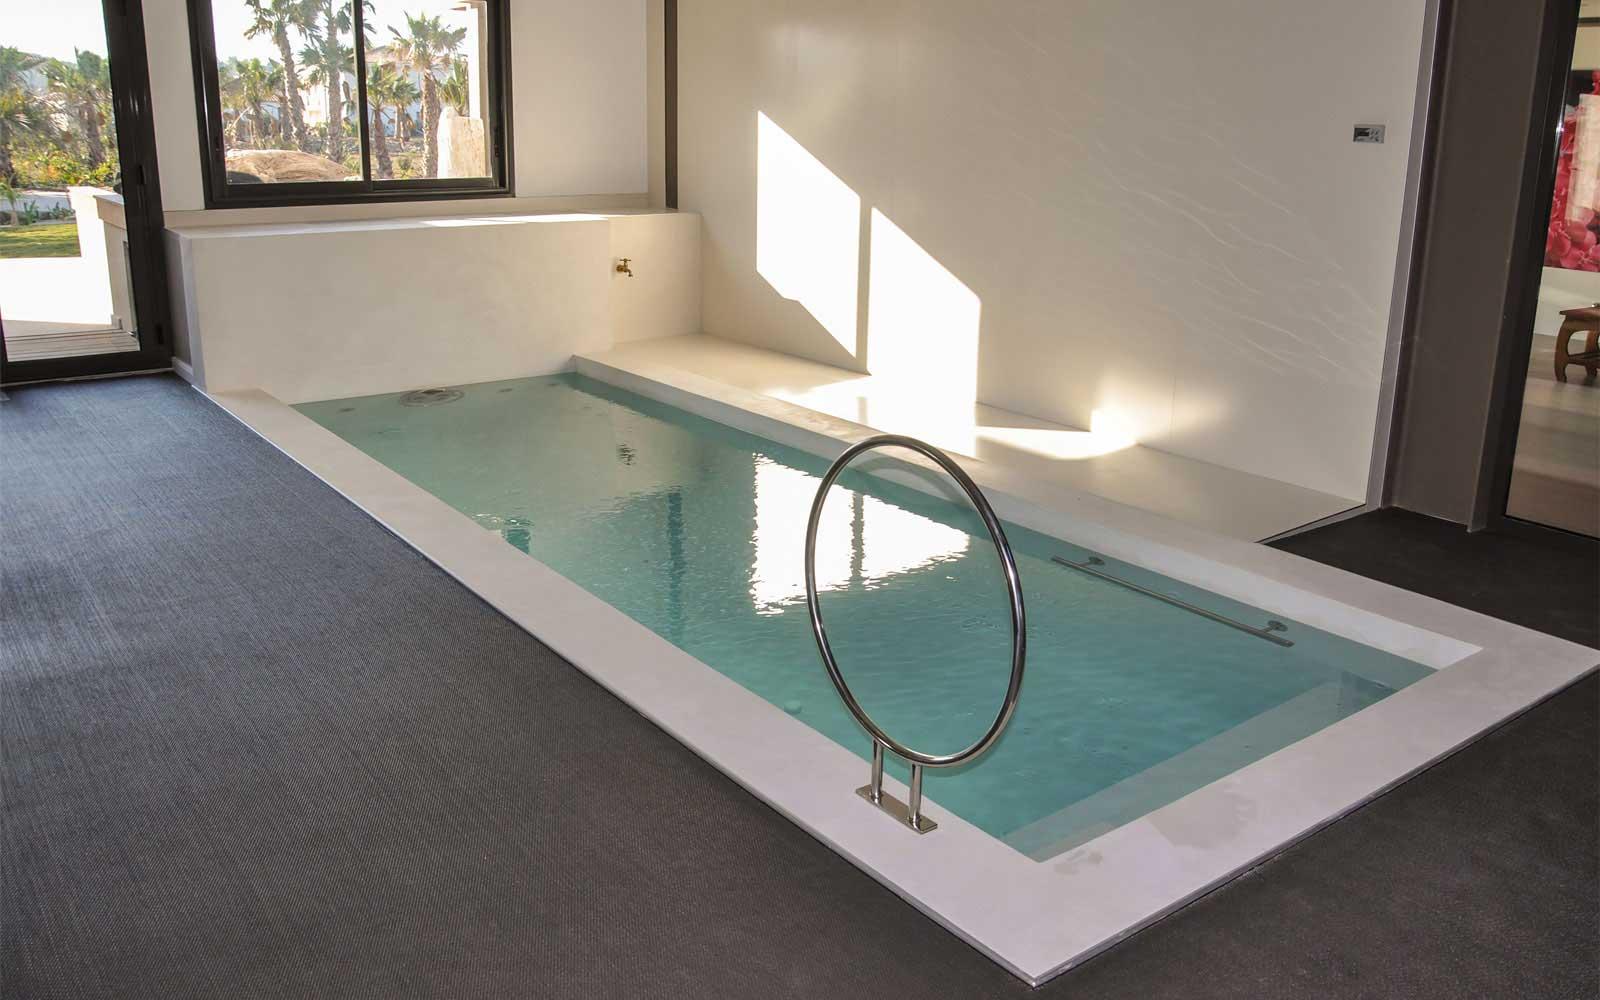 84-waterworld_piscine intérieure avec nage à contre courant et ... - Combien Coute Une Piscine Interieure